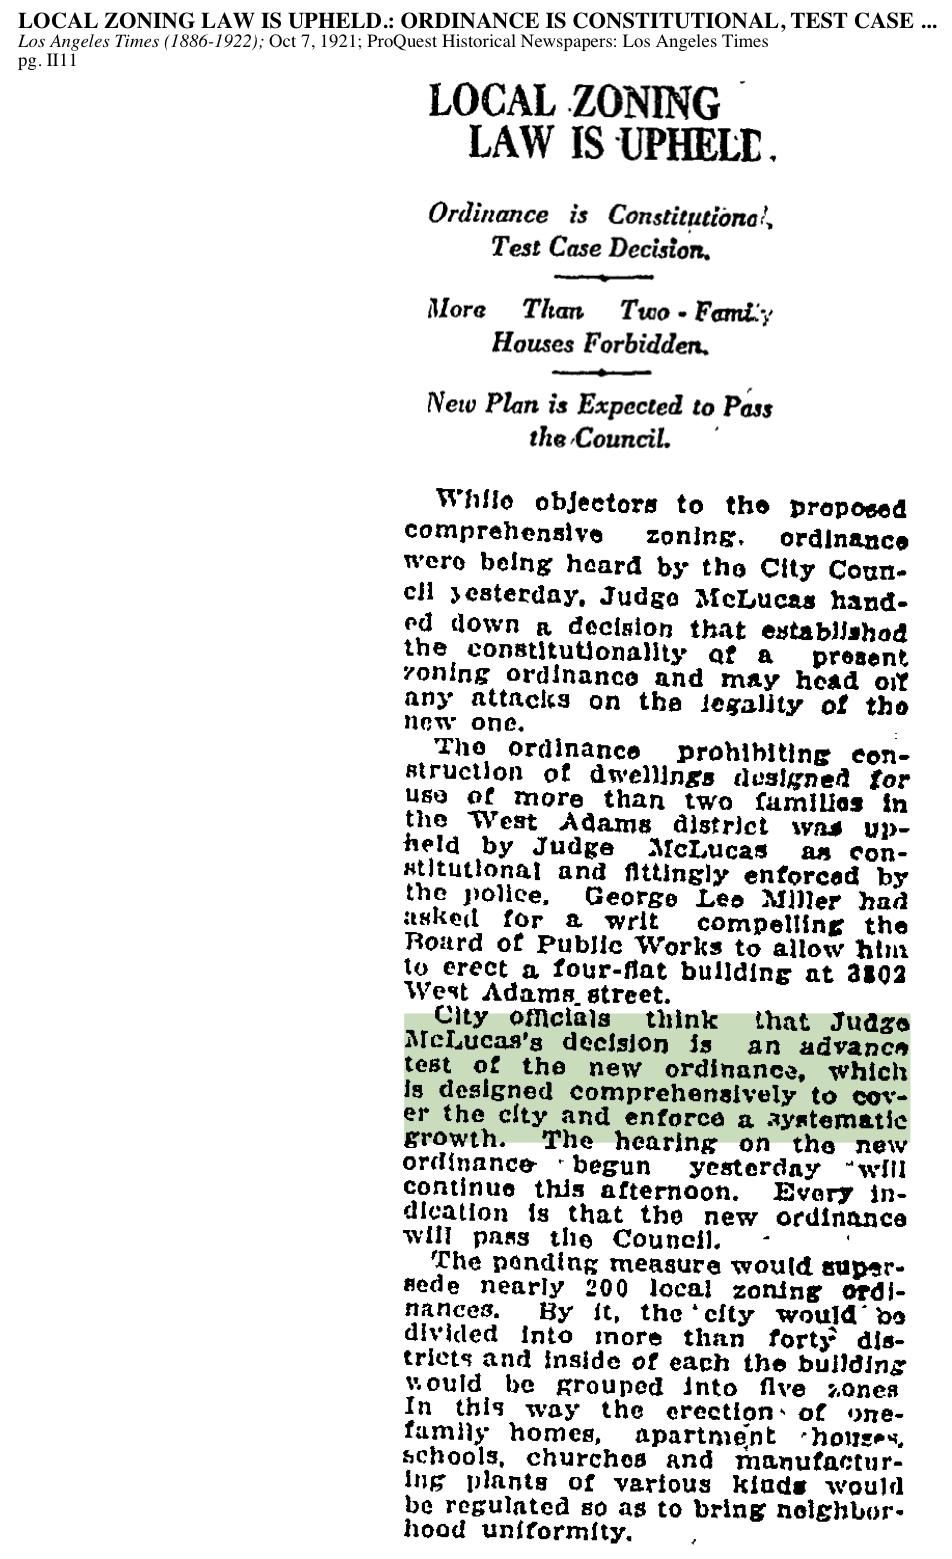 1921-Local Zoning Law Upheld